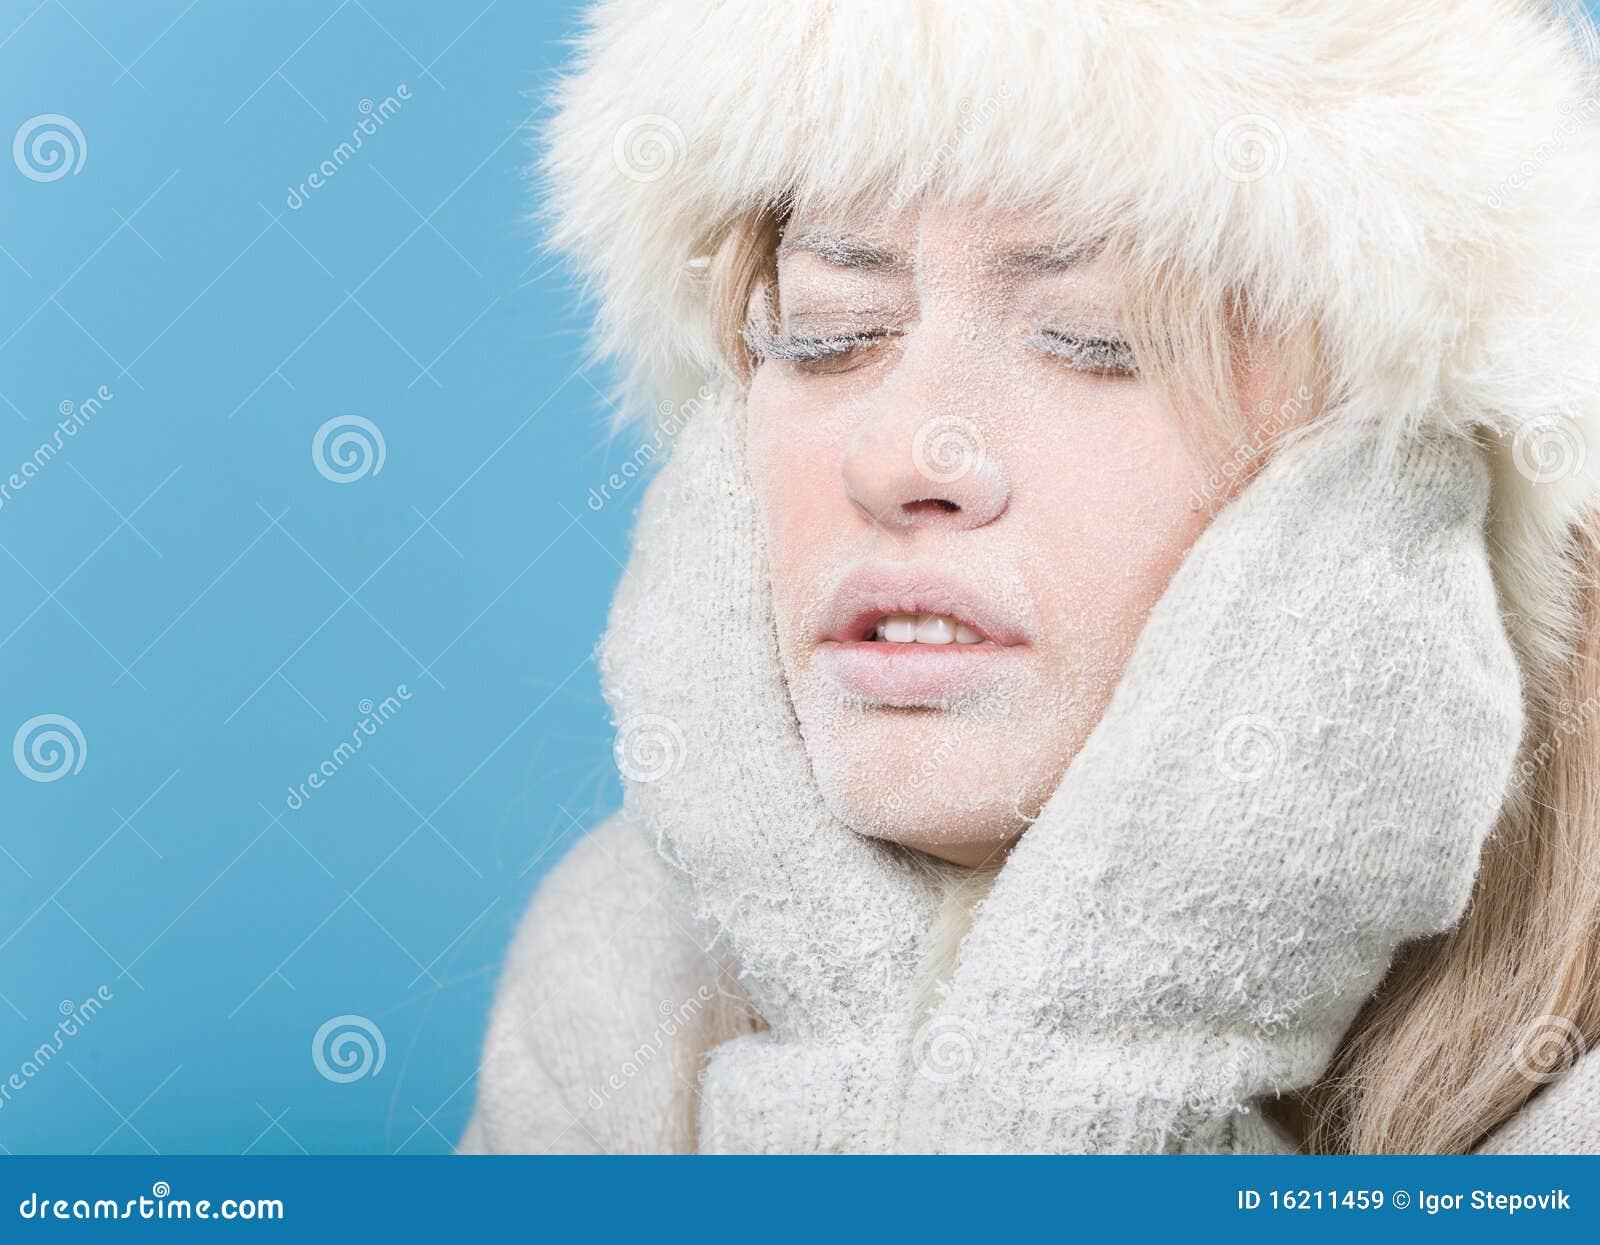 变冷的包括的表面女性冻结的冰雪